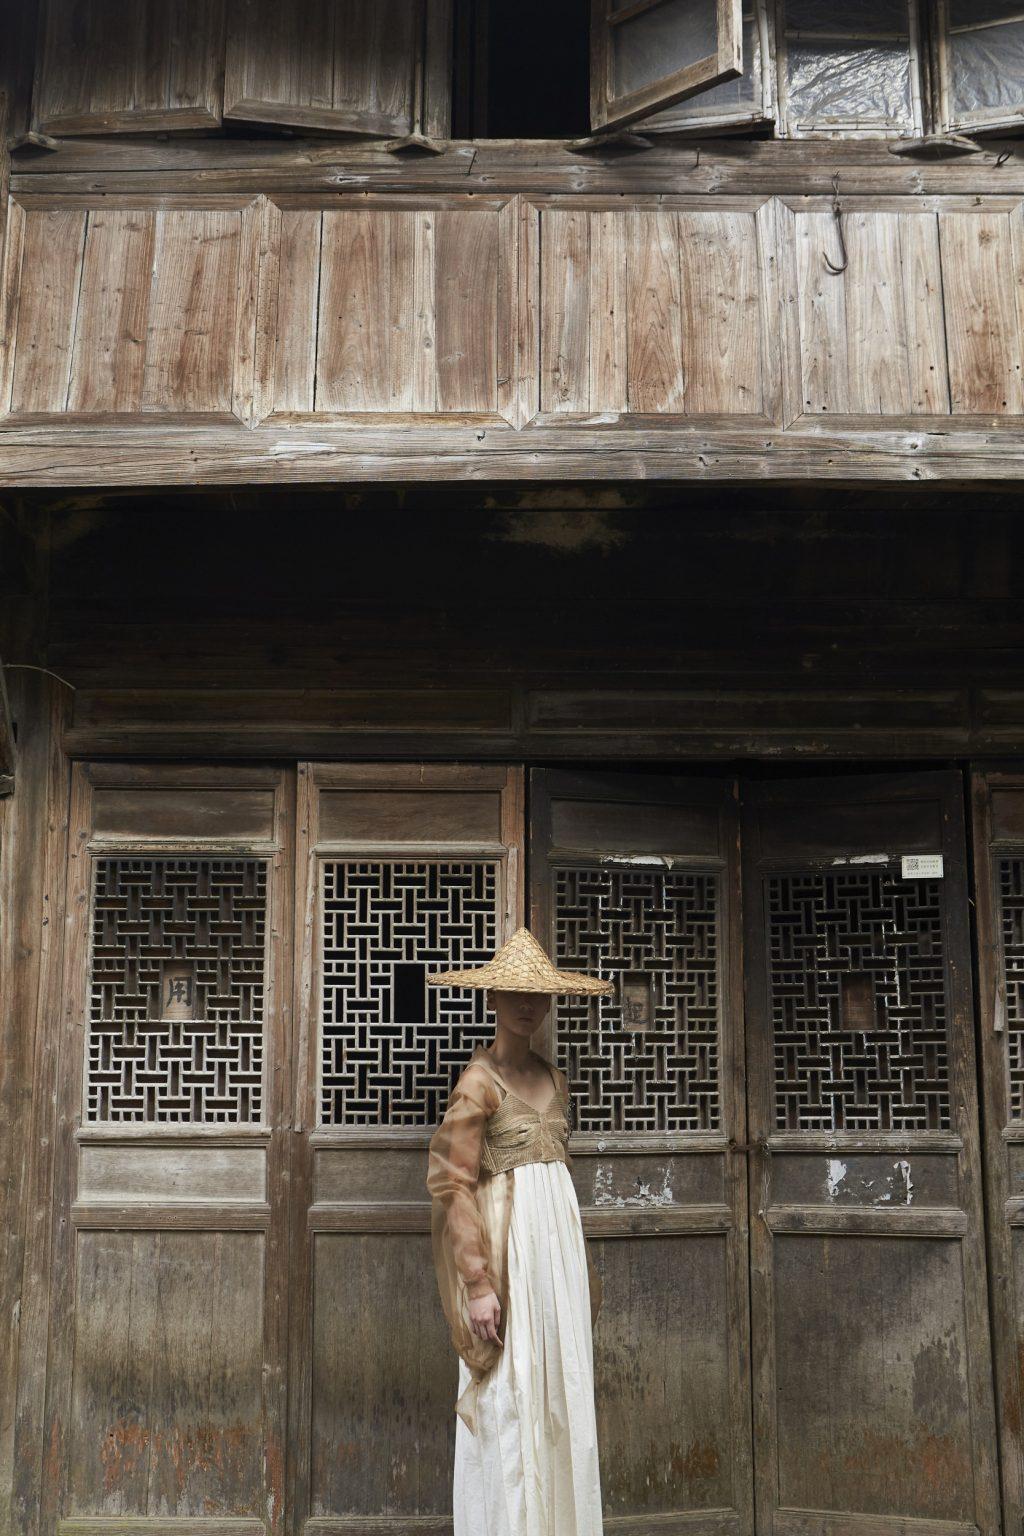 viaggio-in-cinatrip-in-china-6